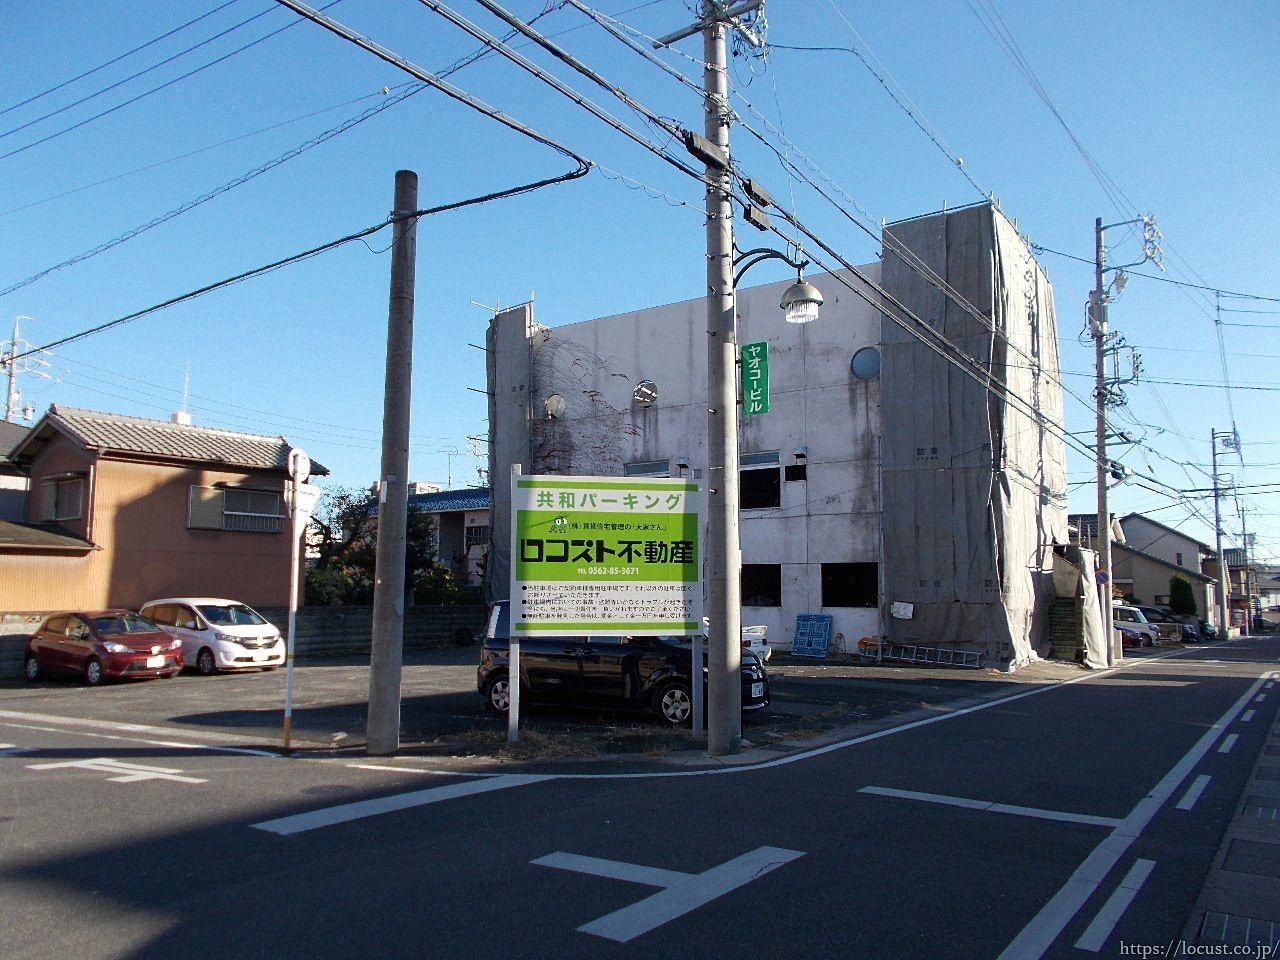 JR東海道本線 共和駅より280メートル 月義務駐車場の新設